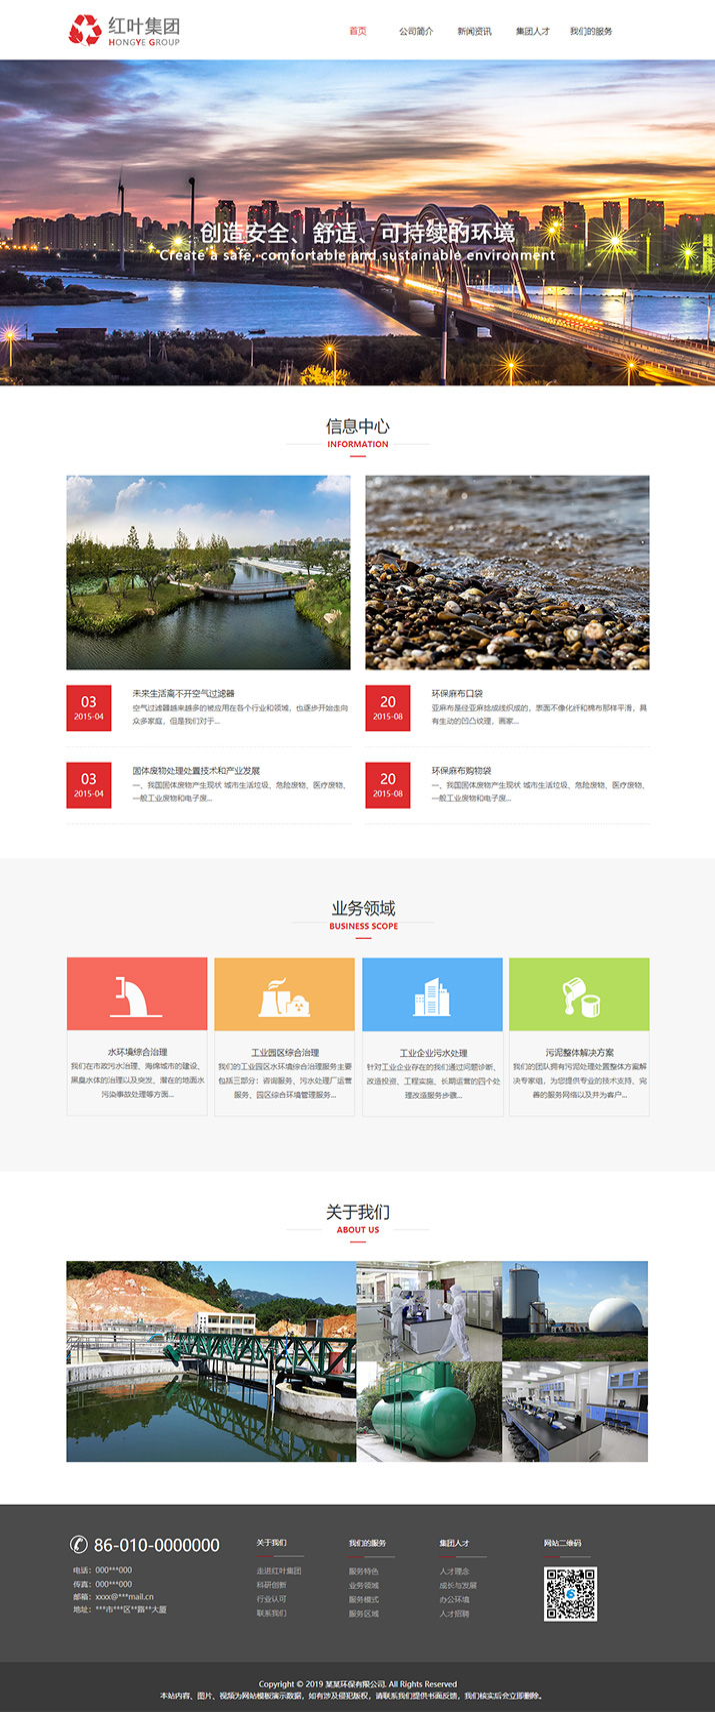 环保公司网站模板